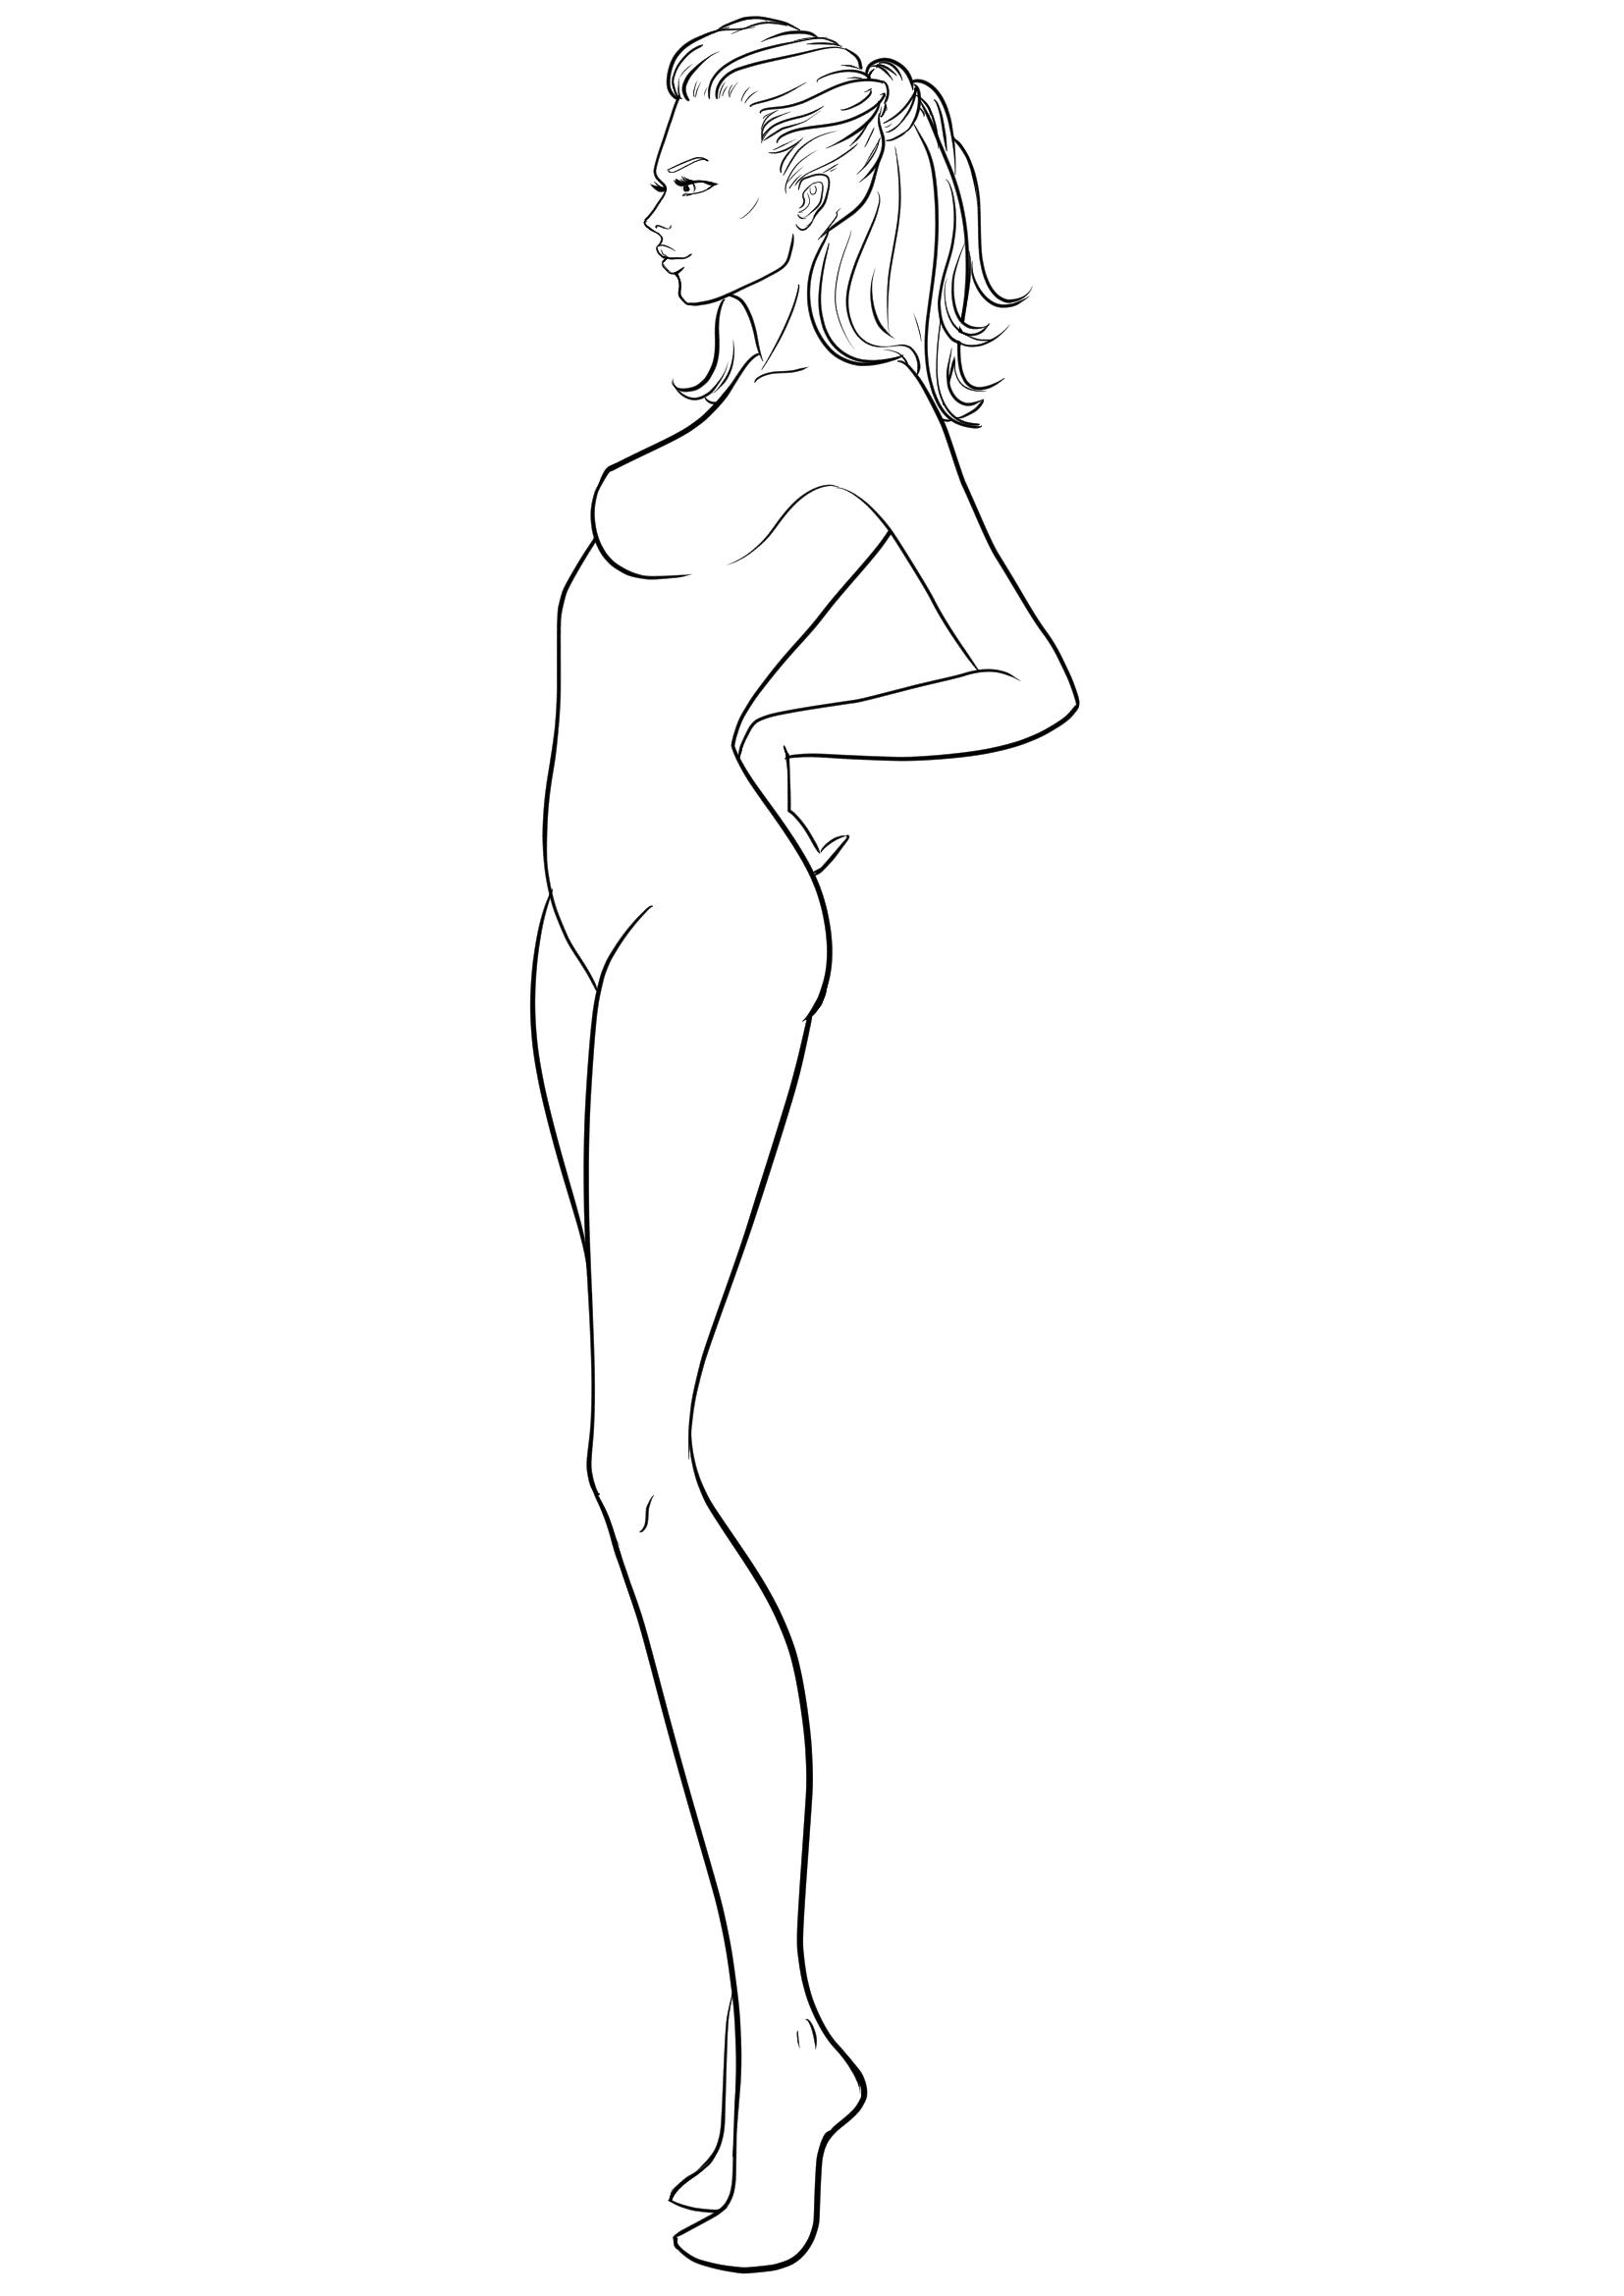 Figure Template 38